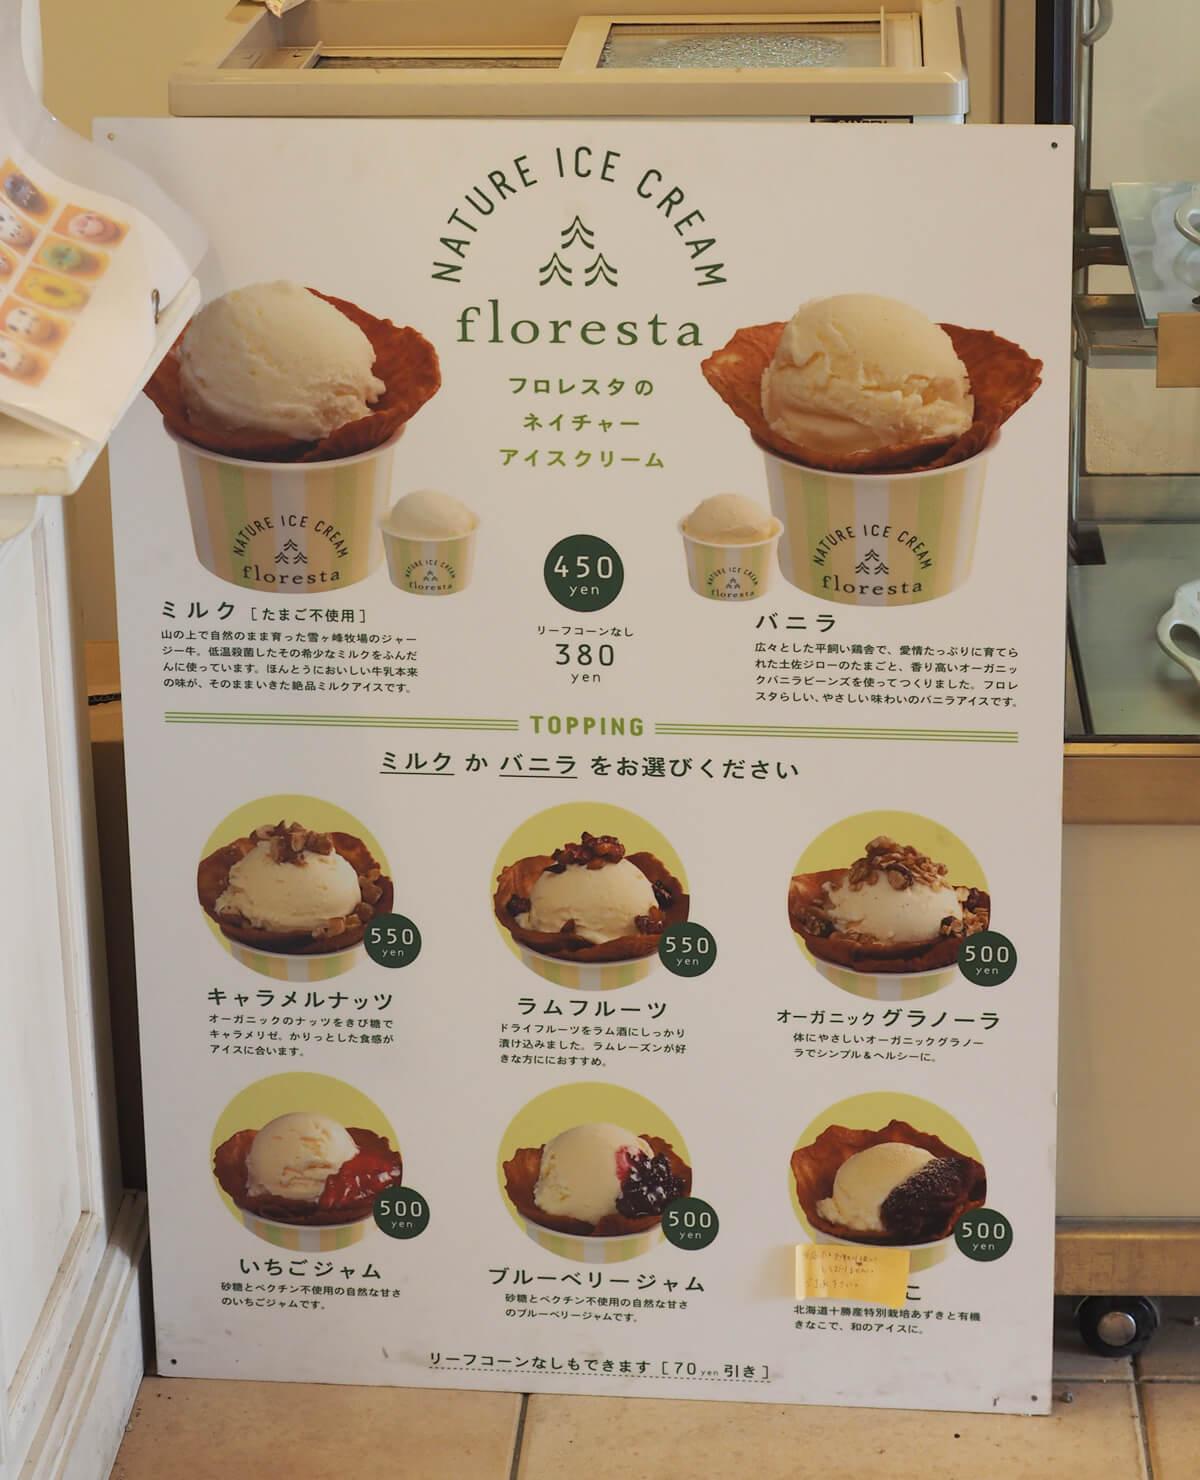 フロレスタのアイスクリーム